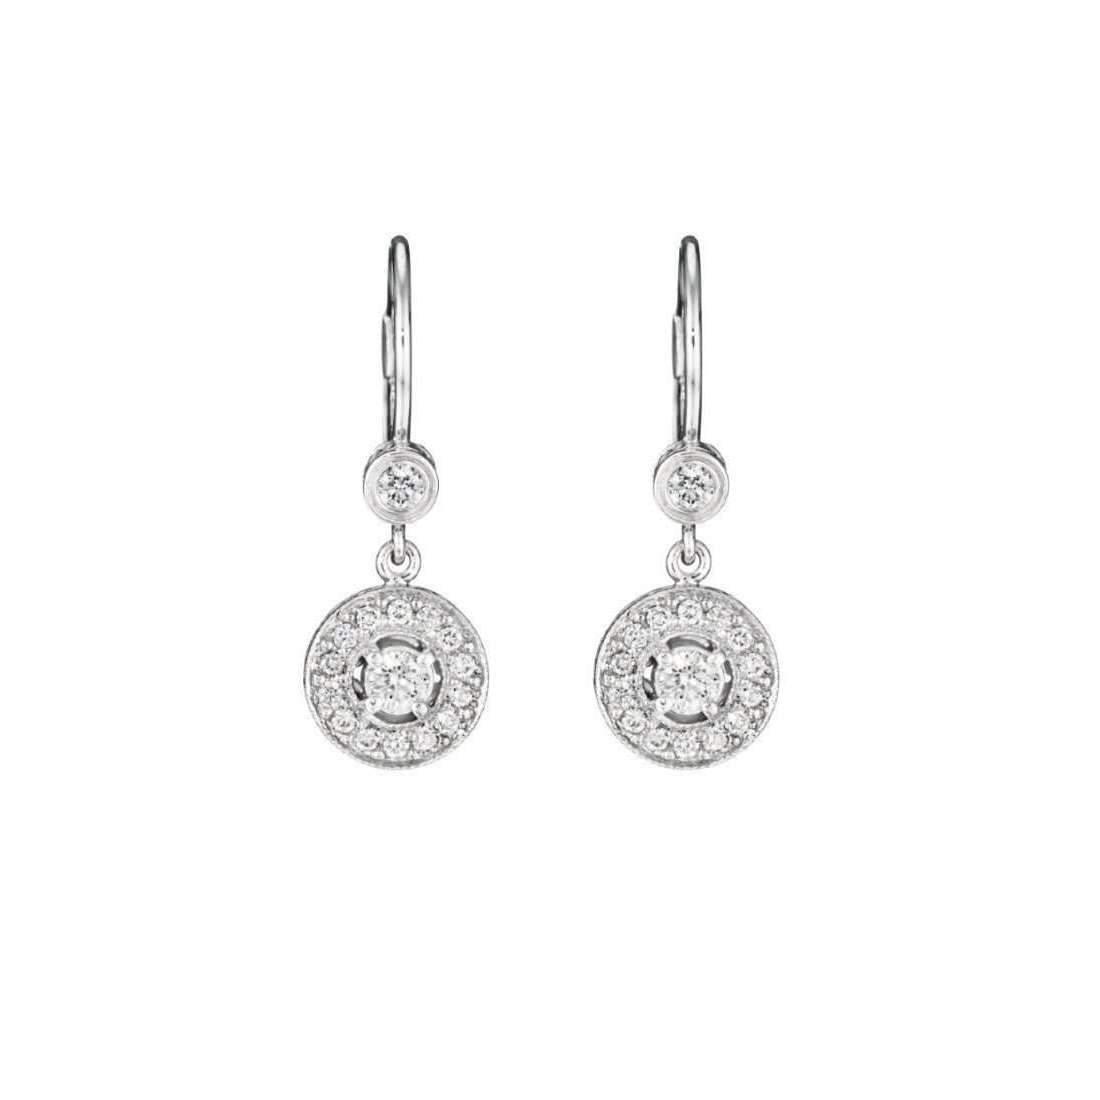 Penny Preville Diamond Pavé Round Earrings on Bezel French eKIZ4dnx3